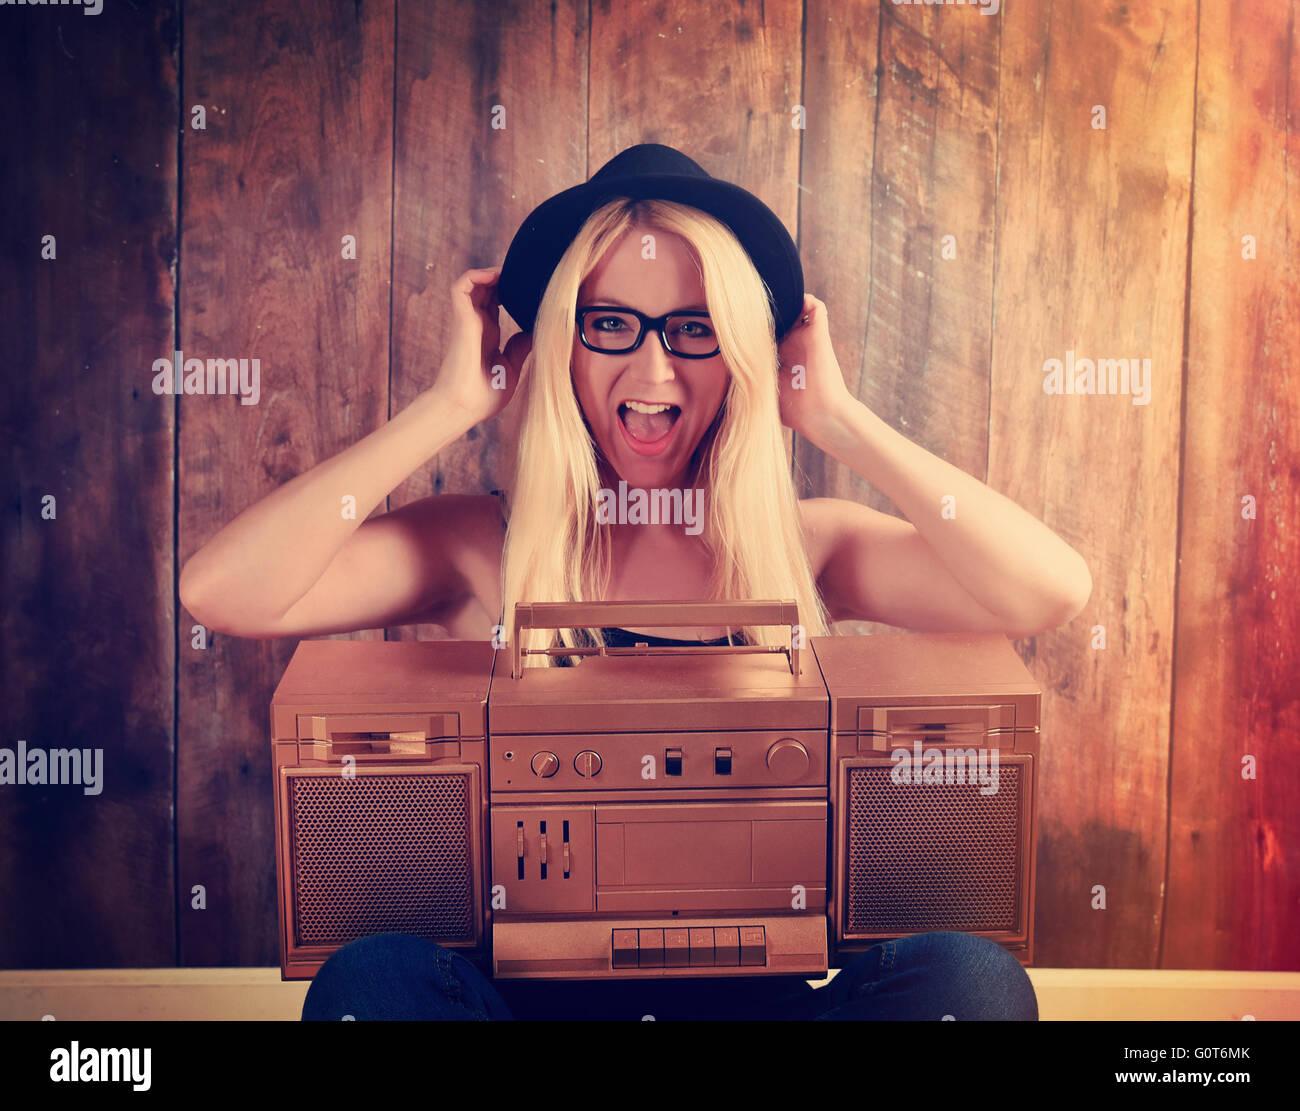 Eine blonde Hipster Mädchen mit Brille ist ein Vintage gold Boombox mit einem Lautsprecher für ein Musik Stockbild